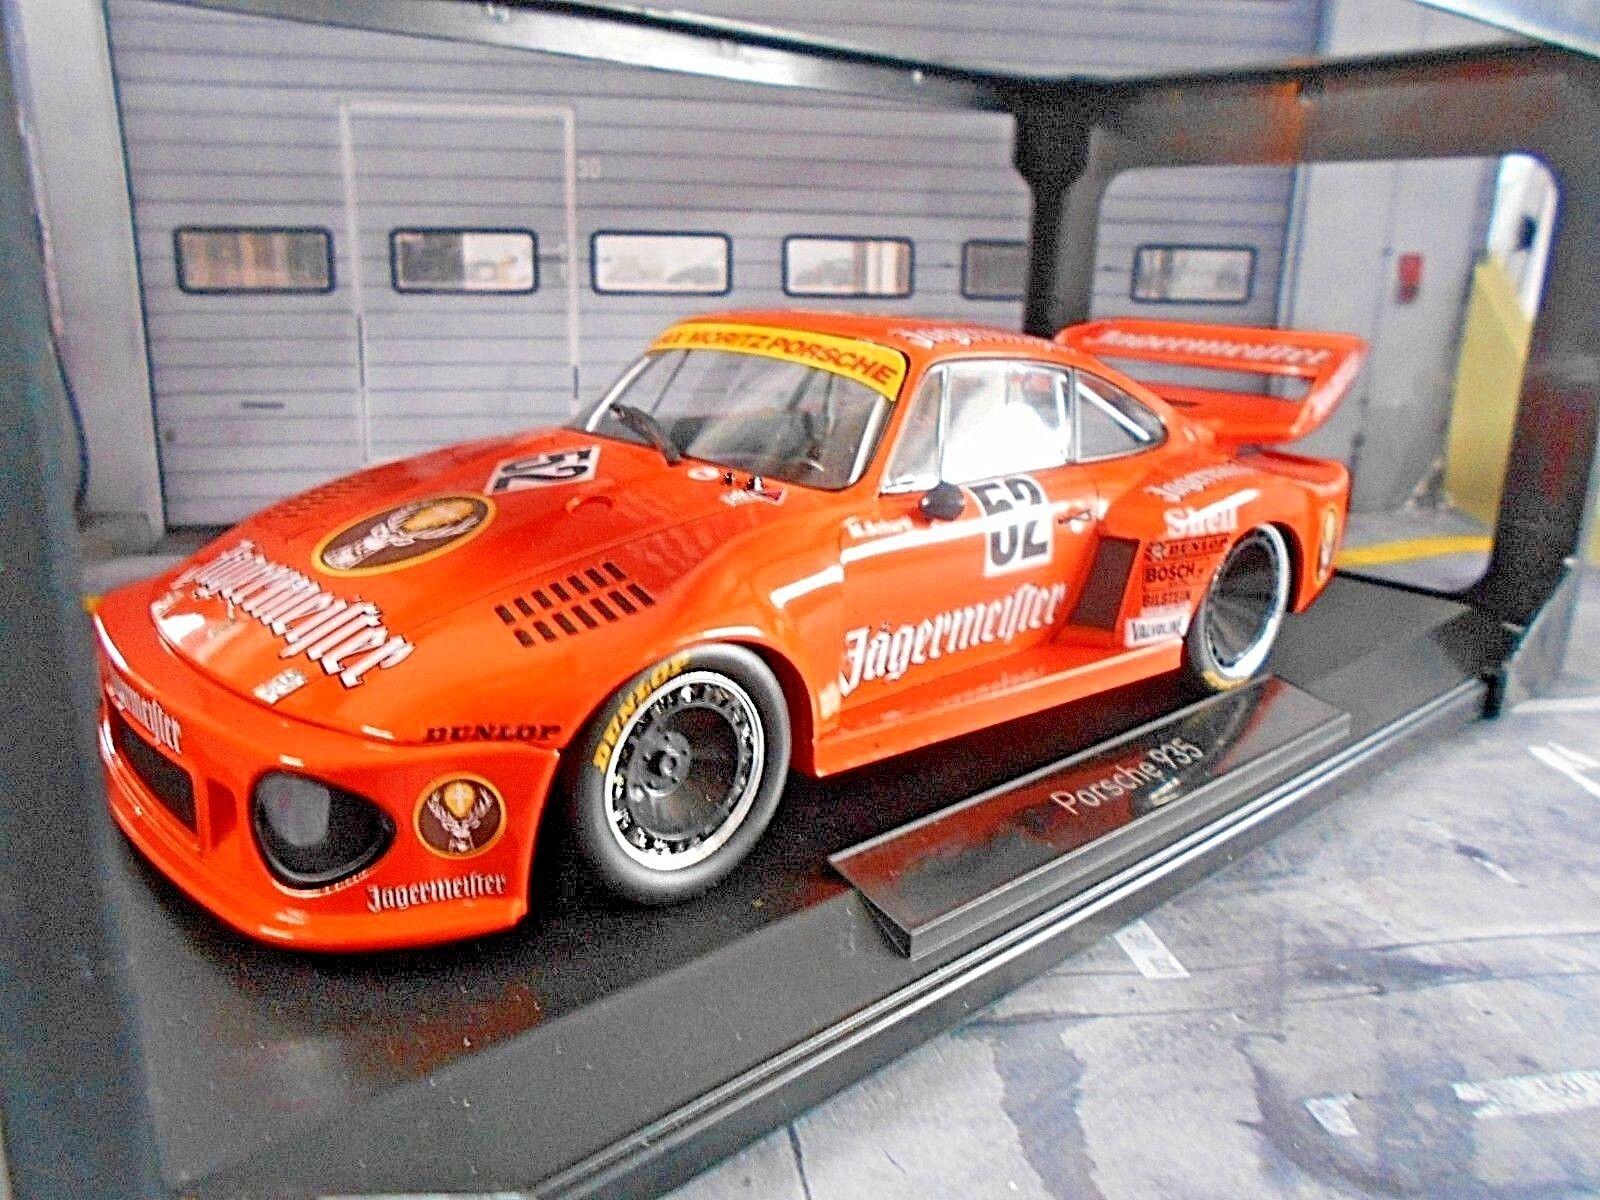 PORSCHE 935 Turbo  52 SCHURTI Jägermeister MAX Moritz DRM 1977 Zolder NOREV 1 18